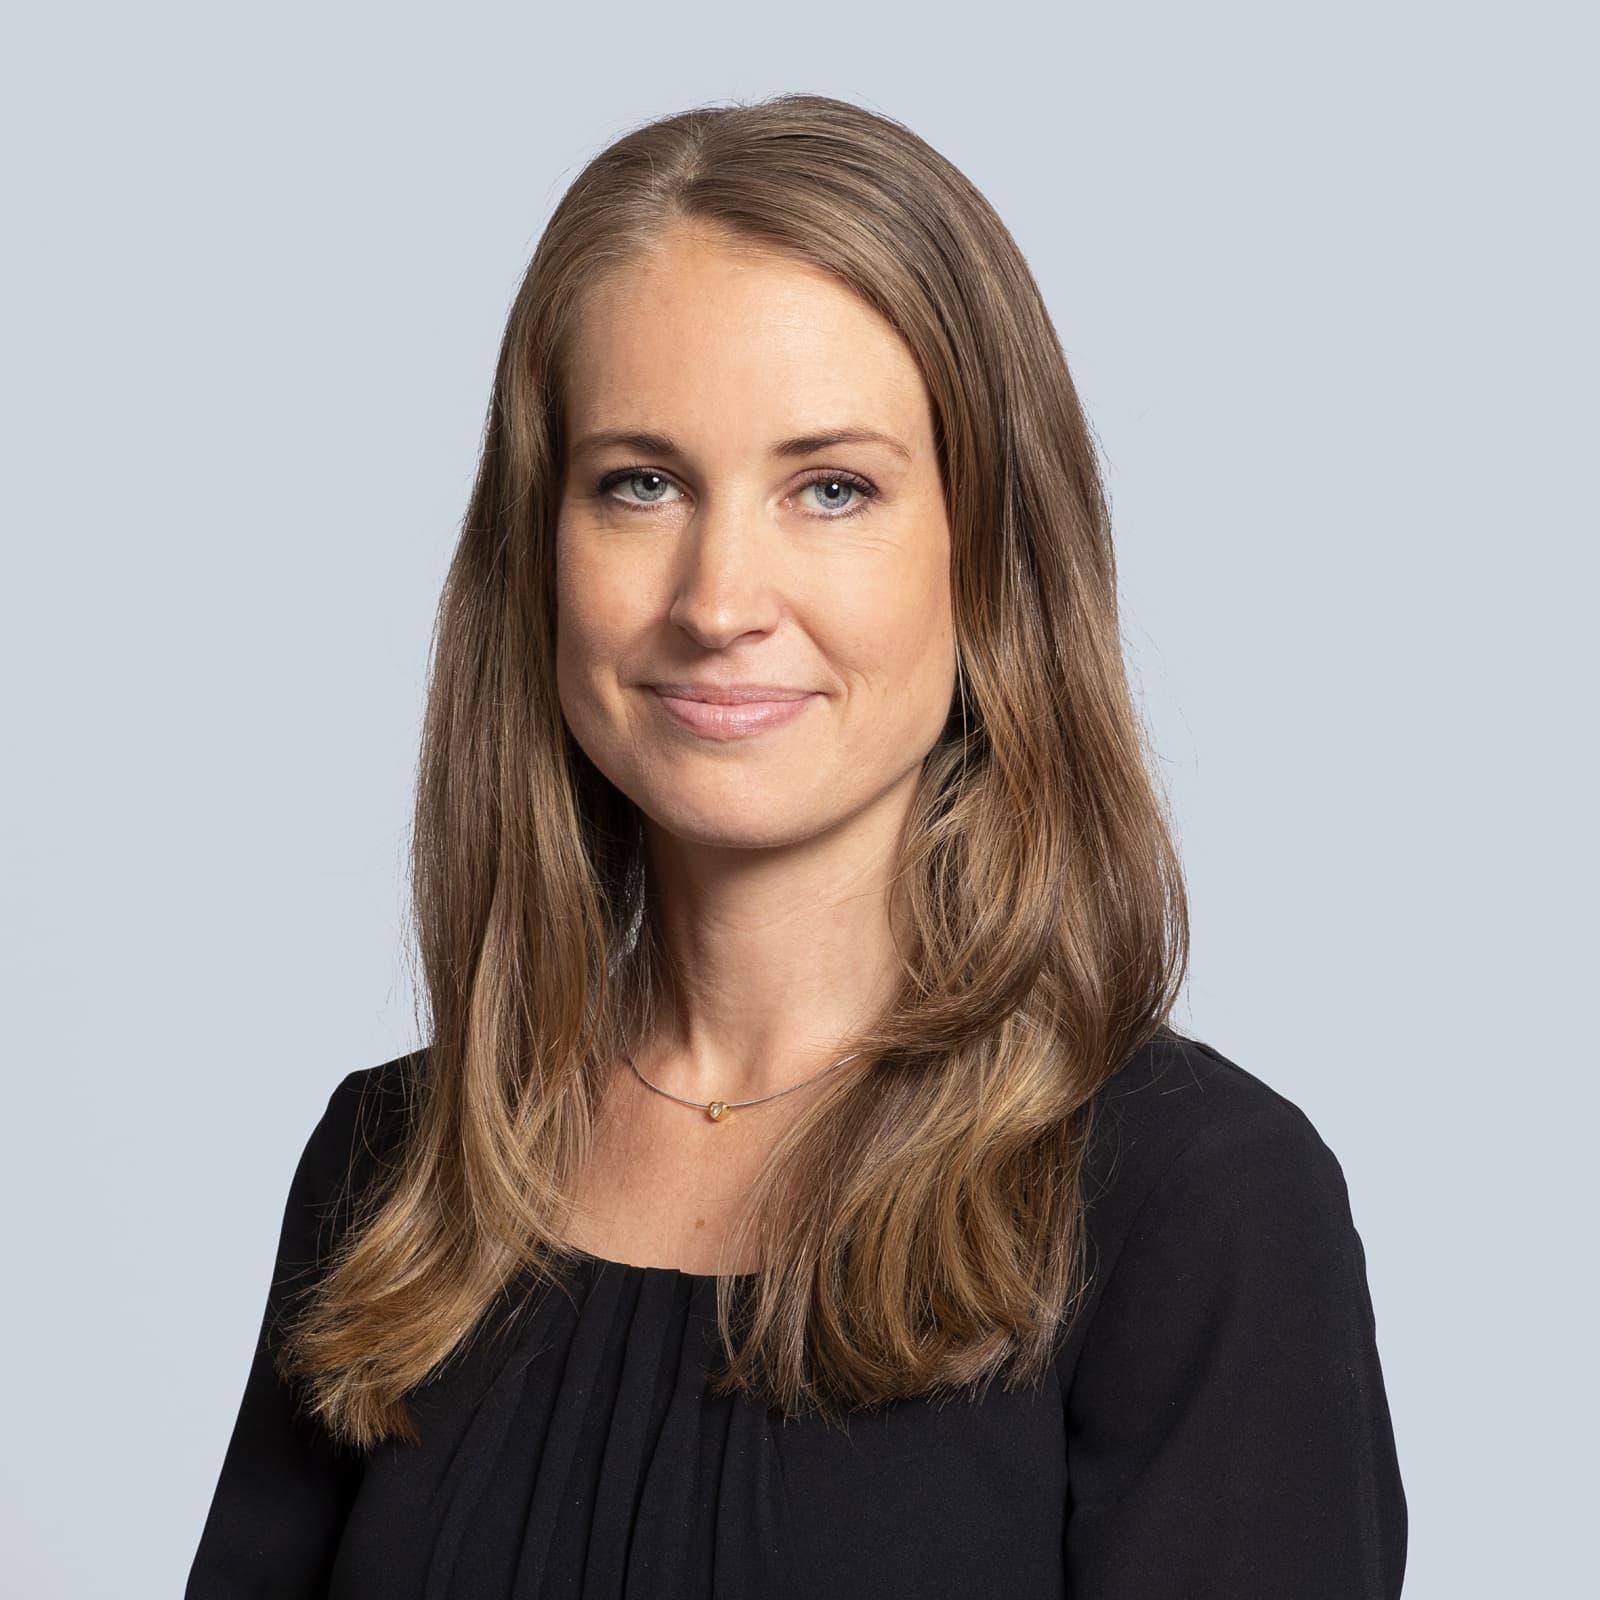 Lee Akerø er administrasjonsassistent i Kavli Holding. Hun er veldig glad for at nominasjonen hennes ble stemt frem av de ansatte i Kavli og tror bidraget LUB mottar kan gjøre en forskjell.